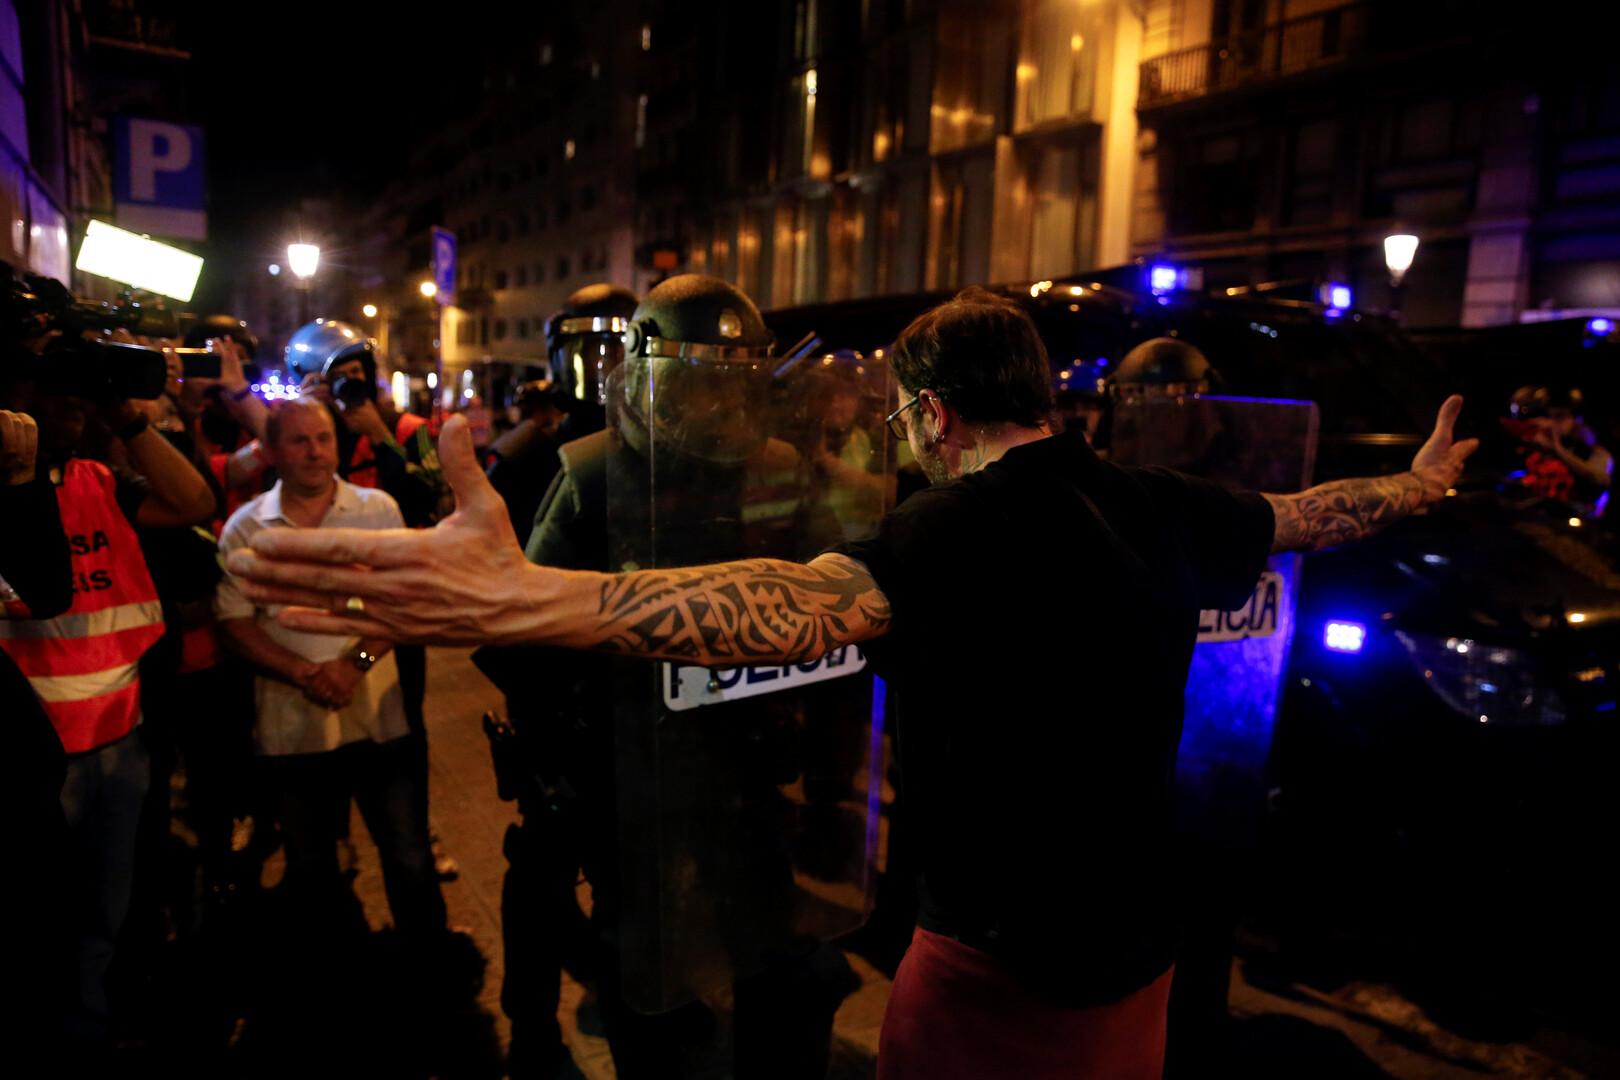 الشرطة الإسبانية تستعد لتفريق المتظاهرين في برشلونة